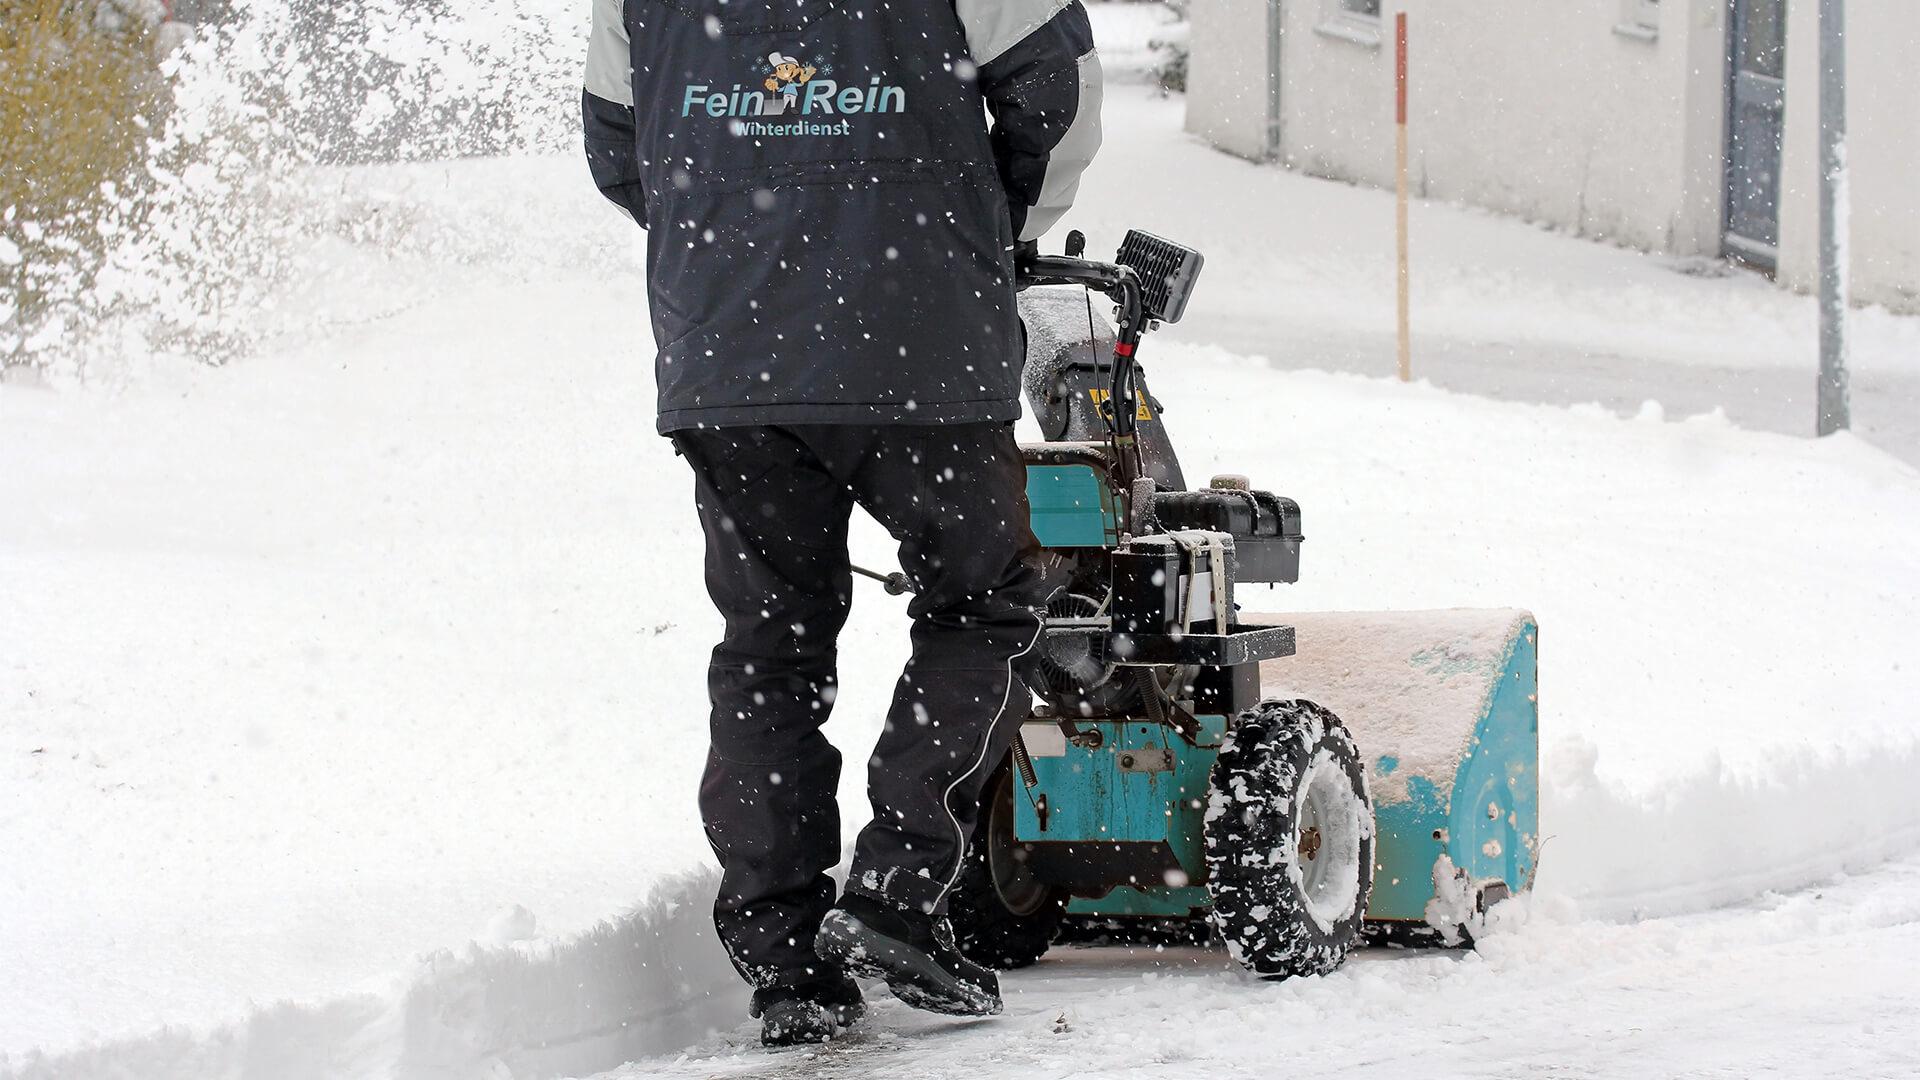 Fein & Rein Winterdienst beim Schnee räumen